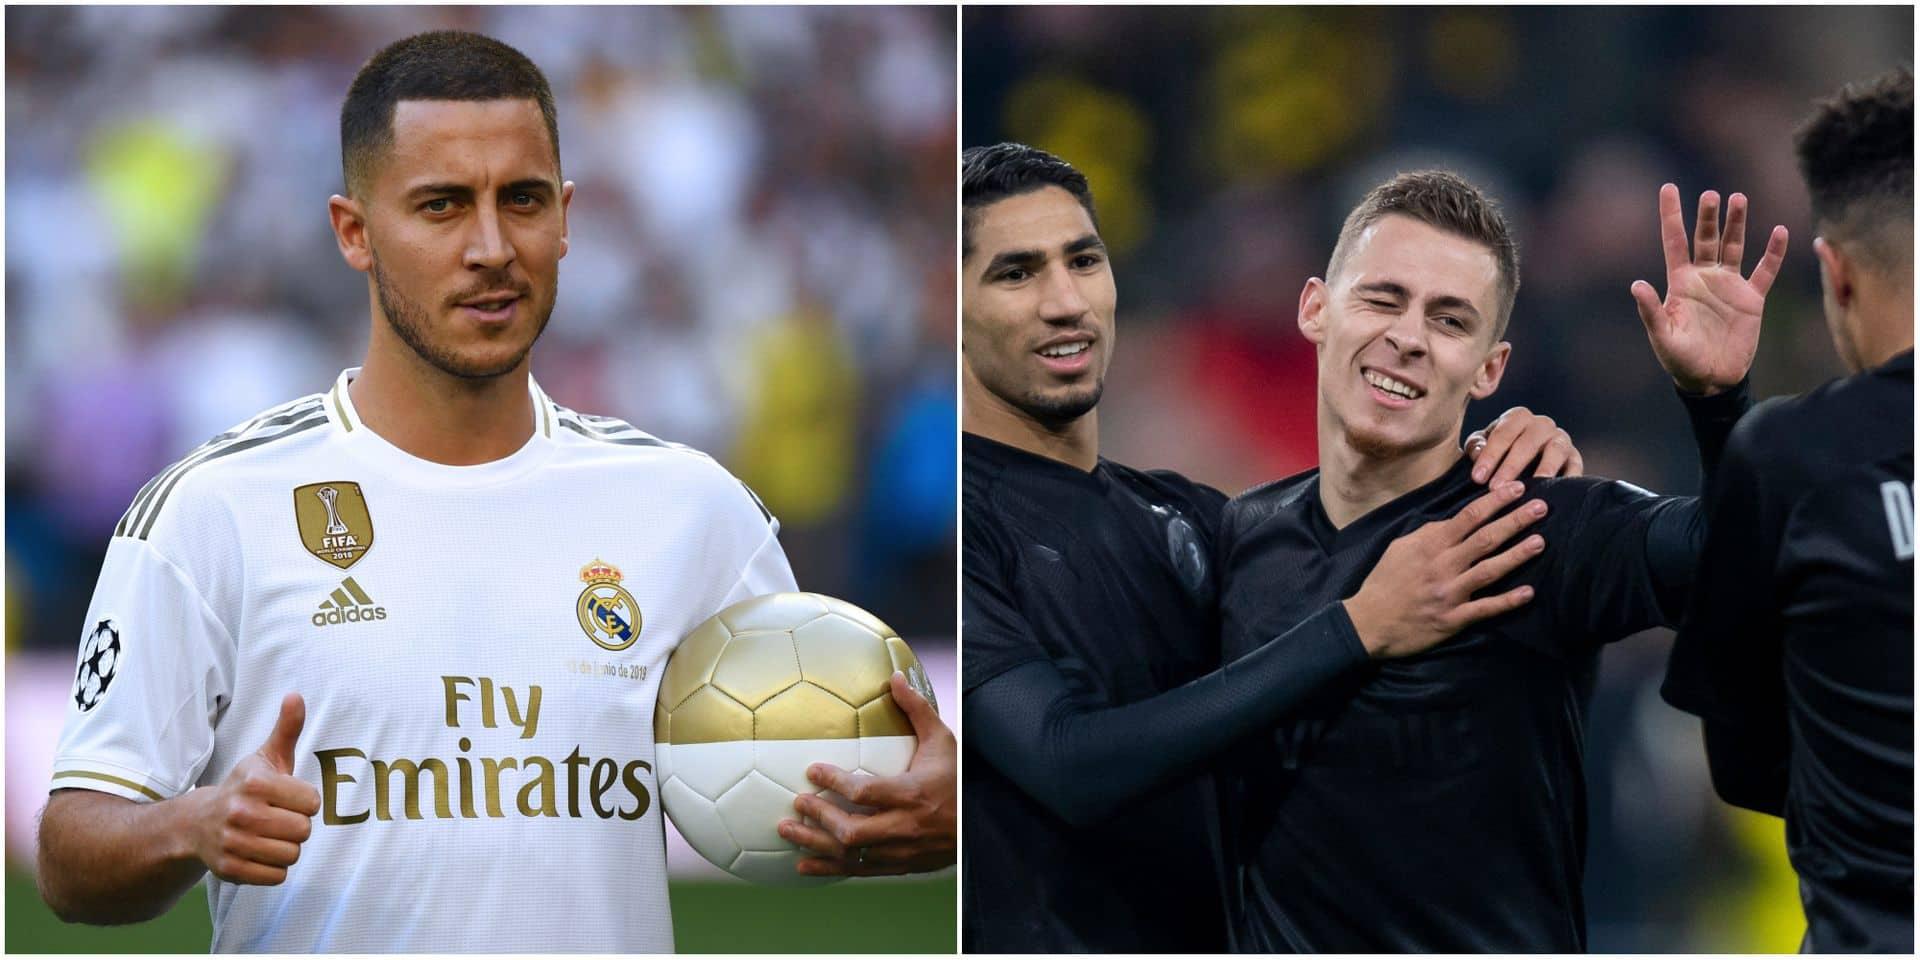 """Eden Hazard a réfusé de jouer au Bayern Munich pour ne pas faire de l'ombre à son frère: """"Il voulait que son frère soit connu en tant que Thorgan Hazard"""""""